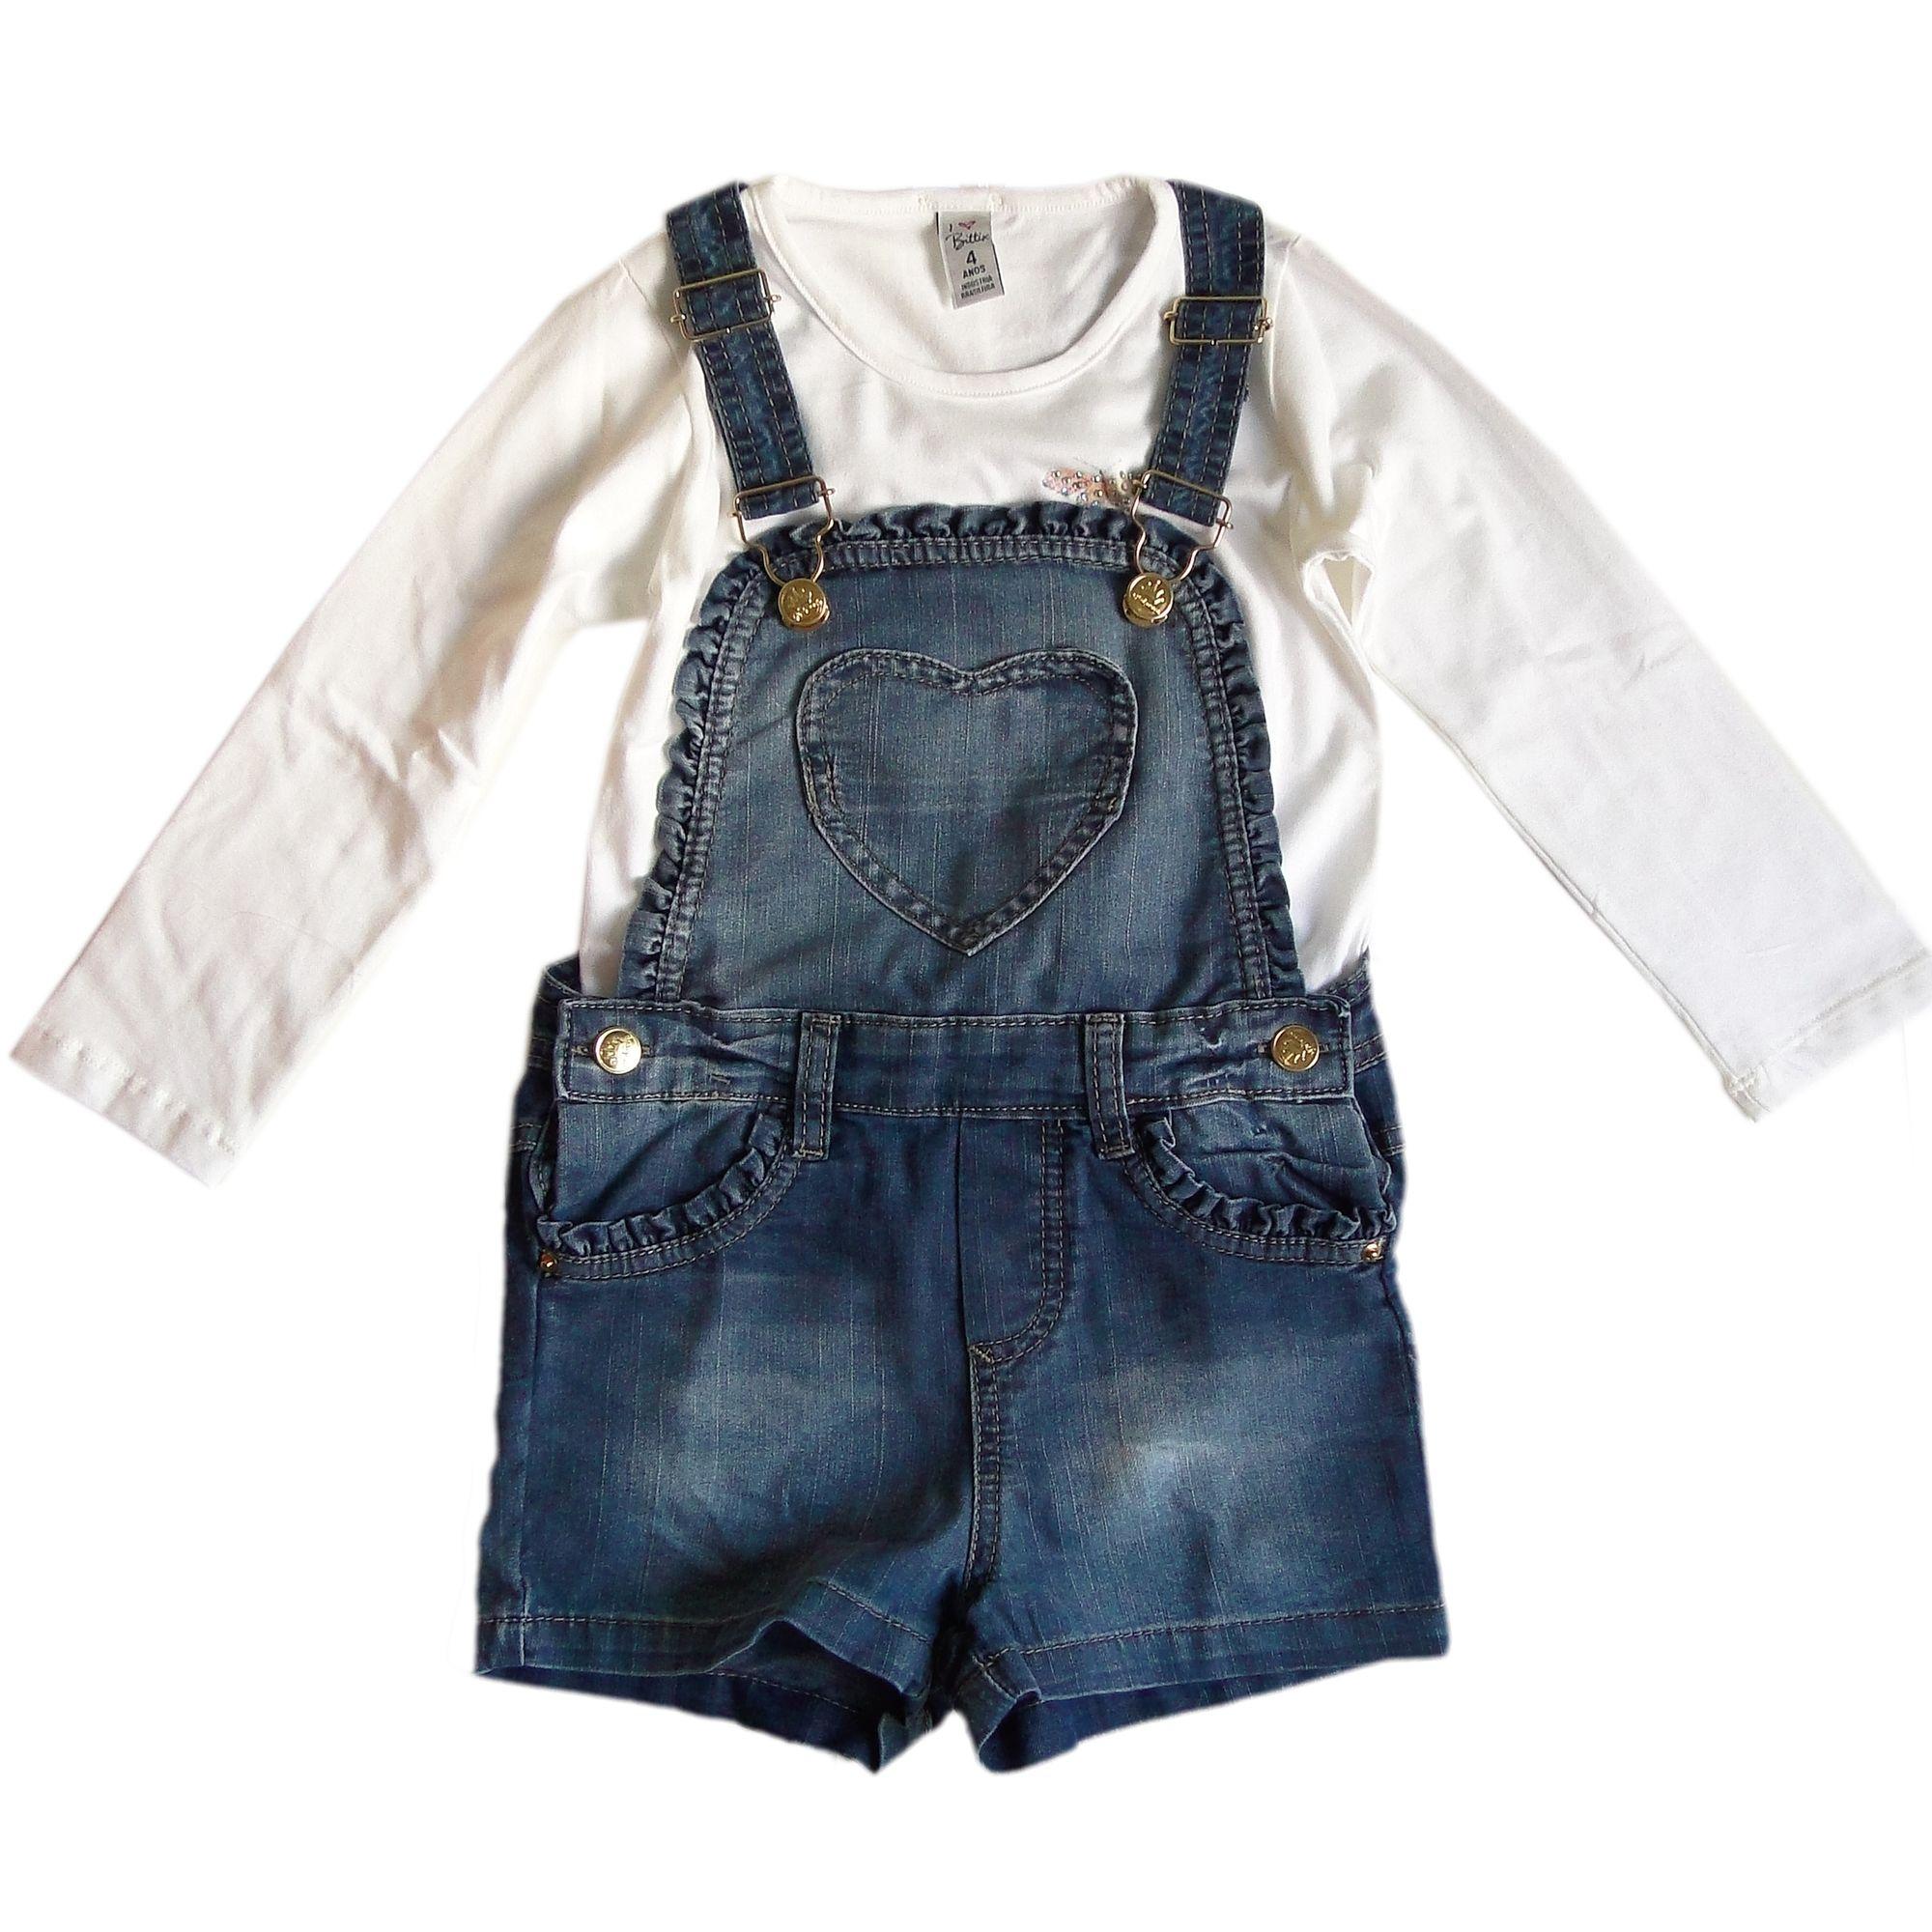 Jardineira infantil em jeans cora o e camiseta borboletas for Jardineira bebe 1 ano